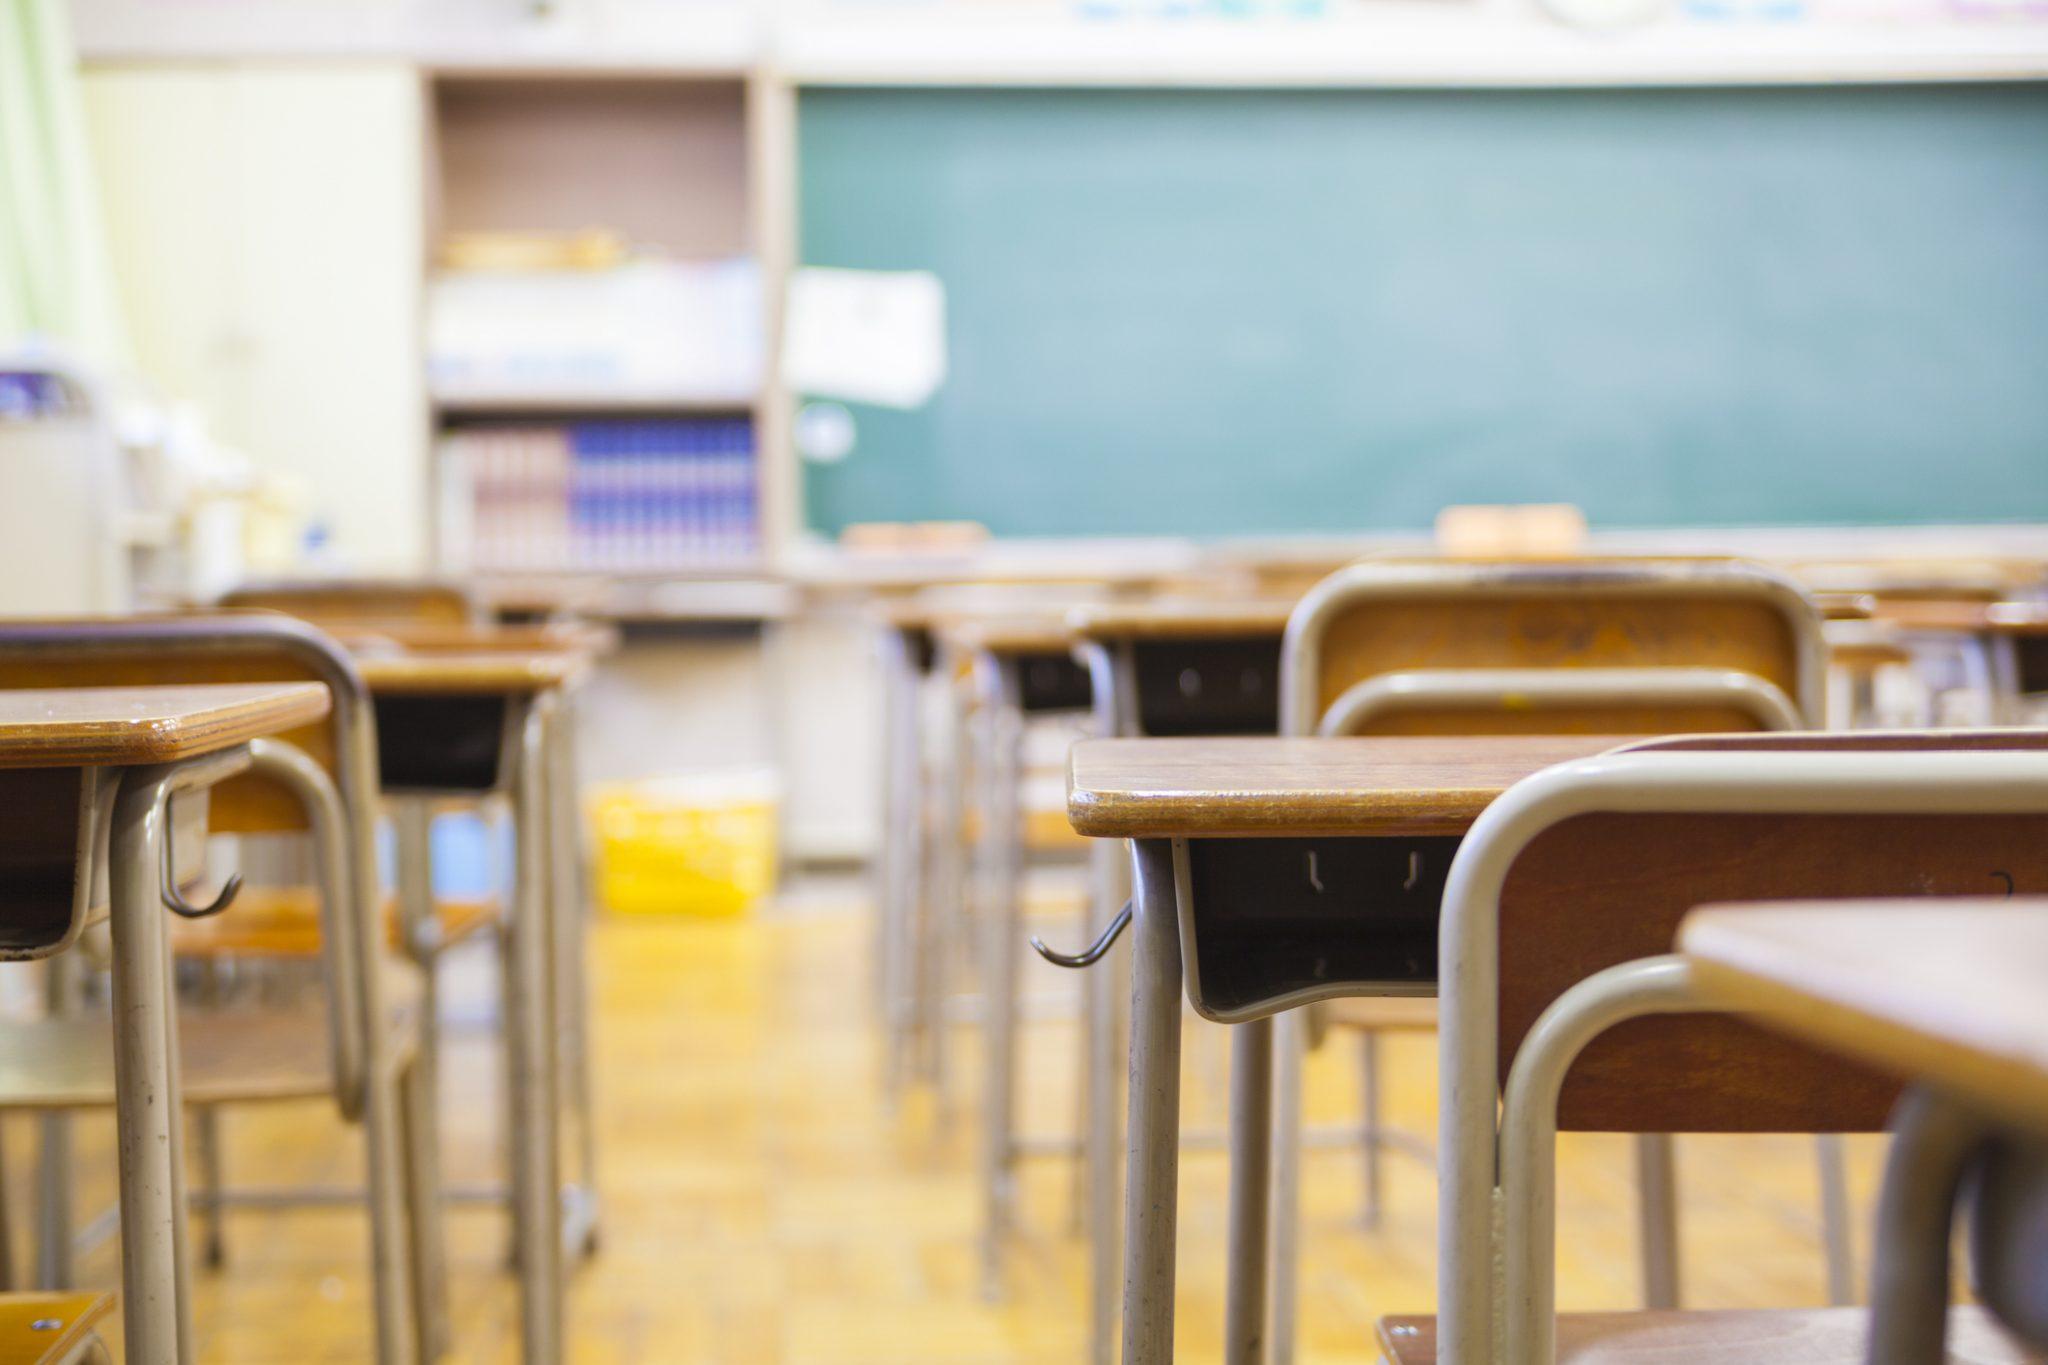 Docente scolastico contagiato dal Covid-19: cosa accade?